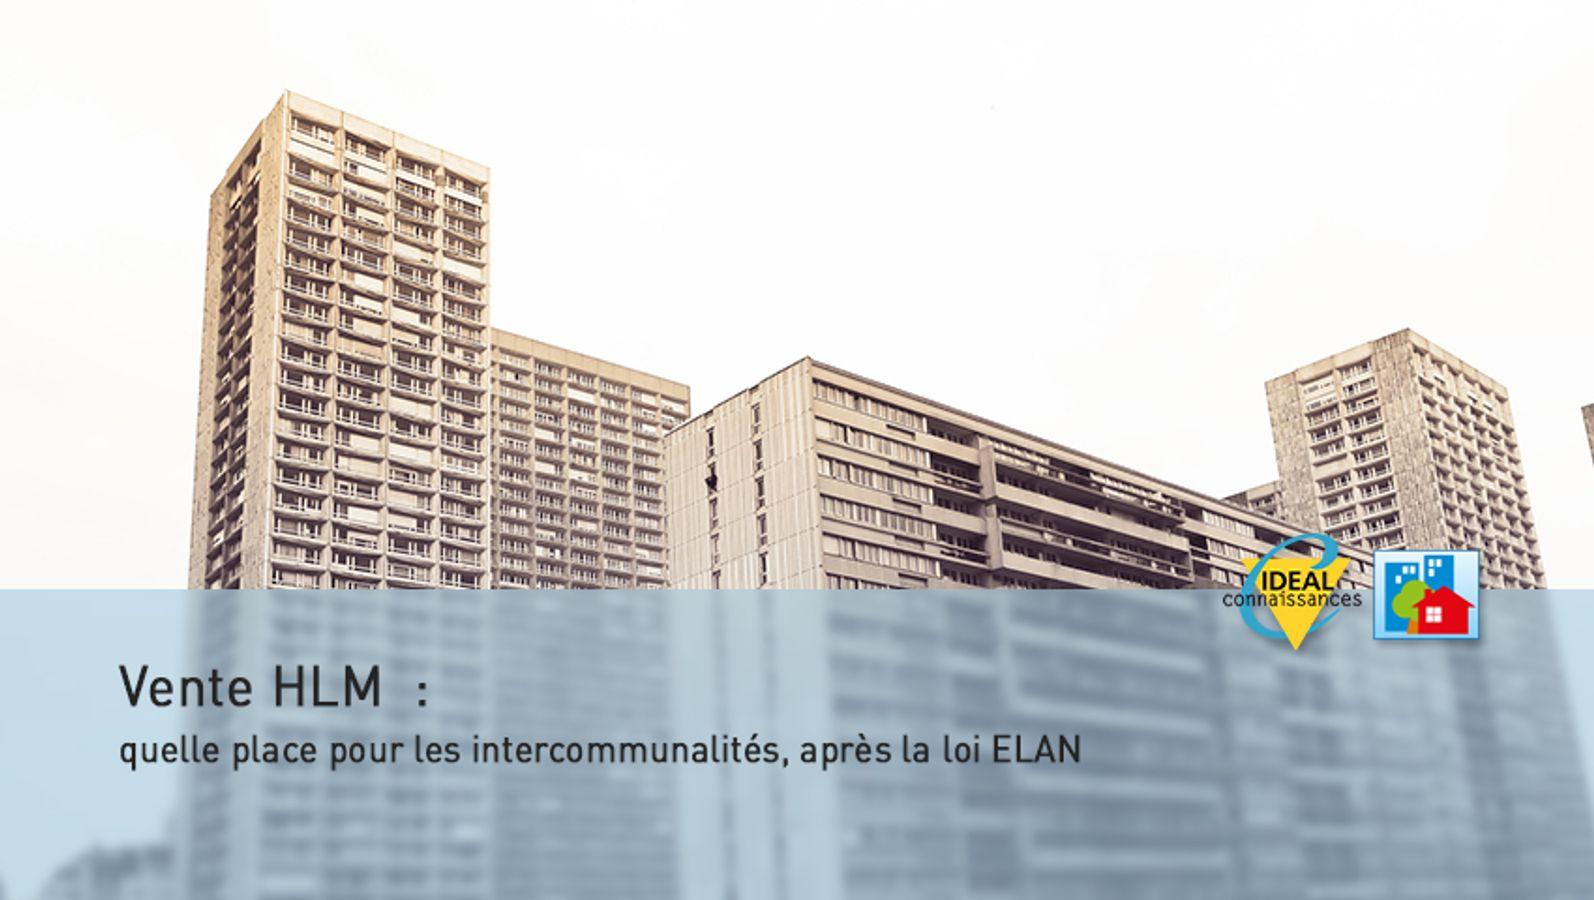 [Jeudis de l'habitat] Vente HLM  : quelle place pour les intercommunalités, après la loi ELAN ?